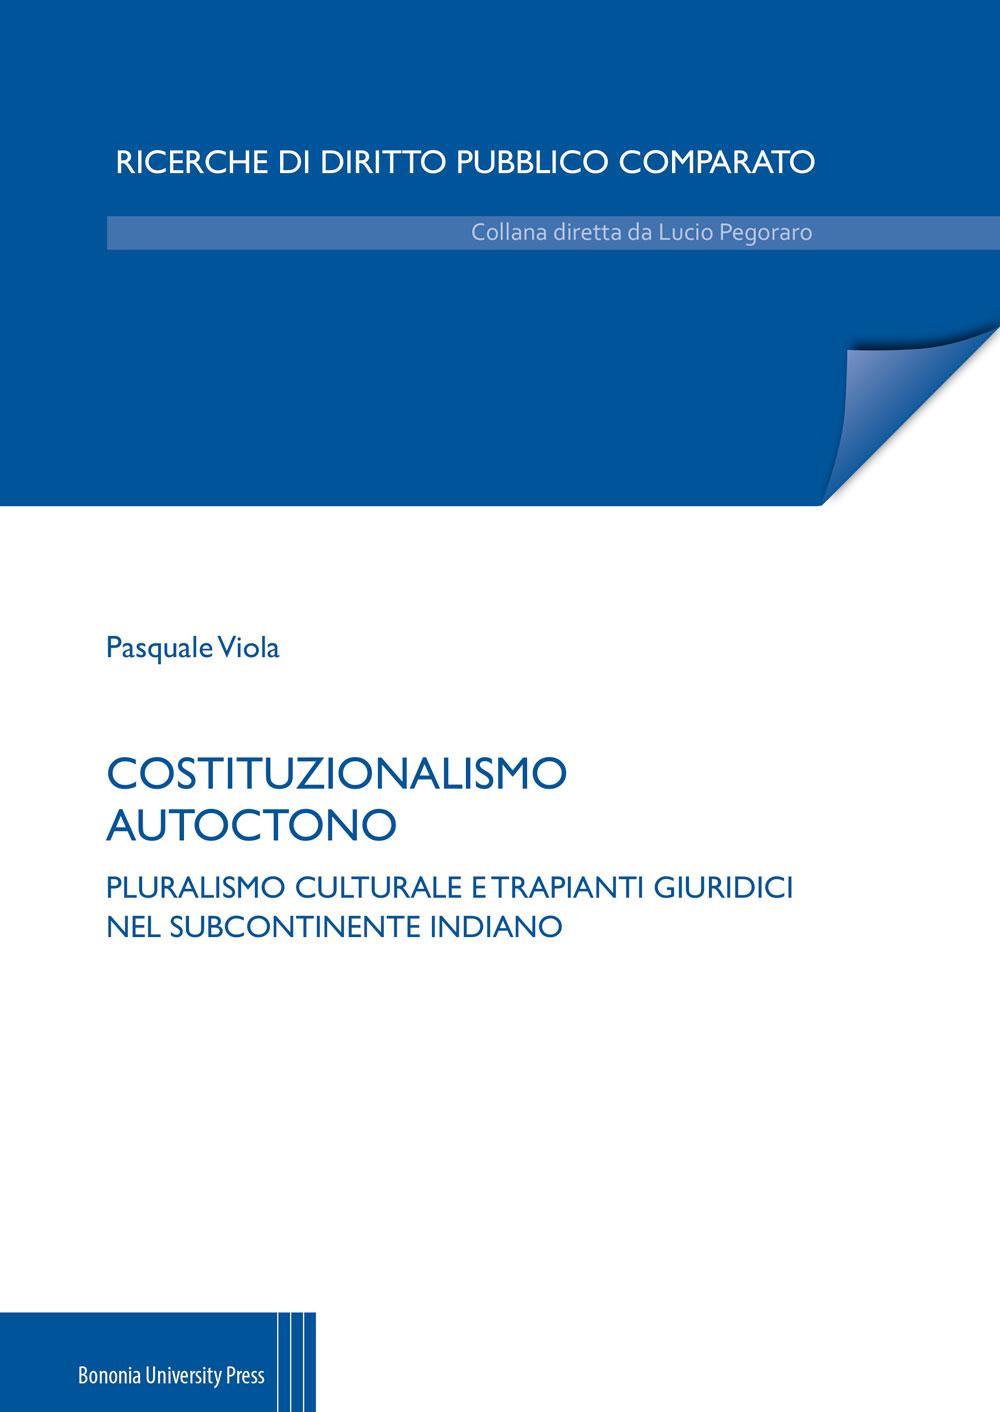 Costituzionalismo autoctono - Bononia University Press